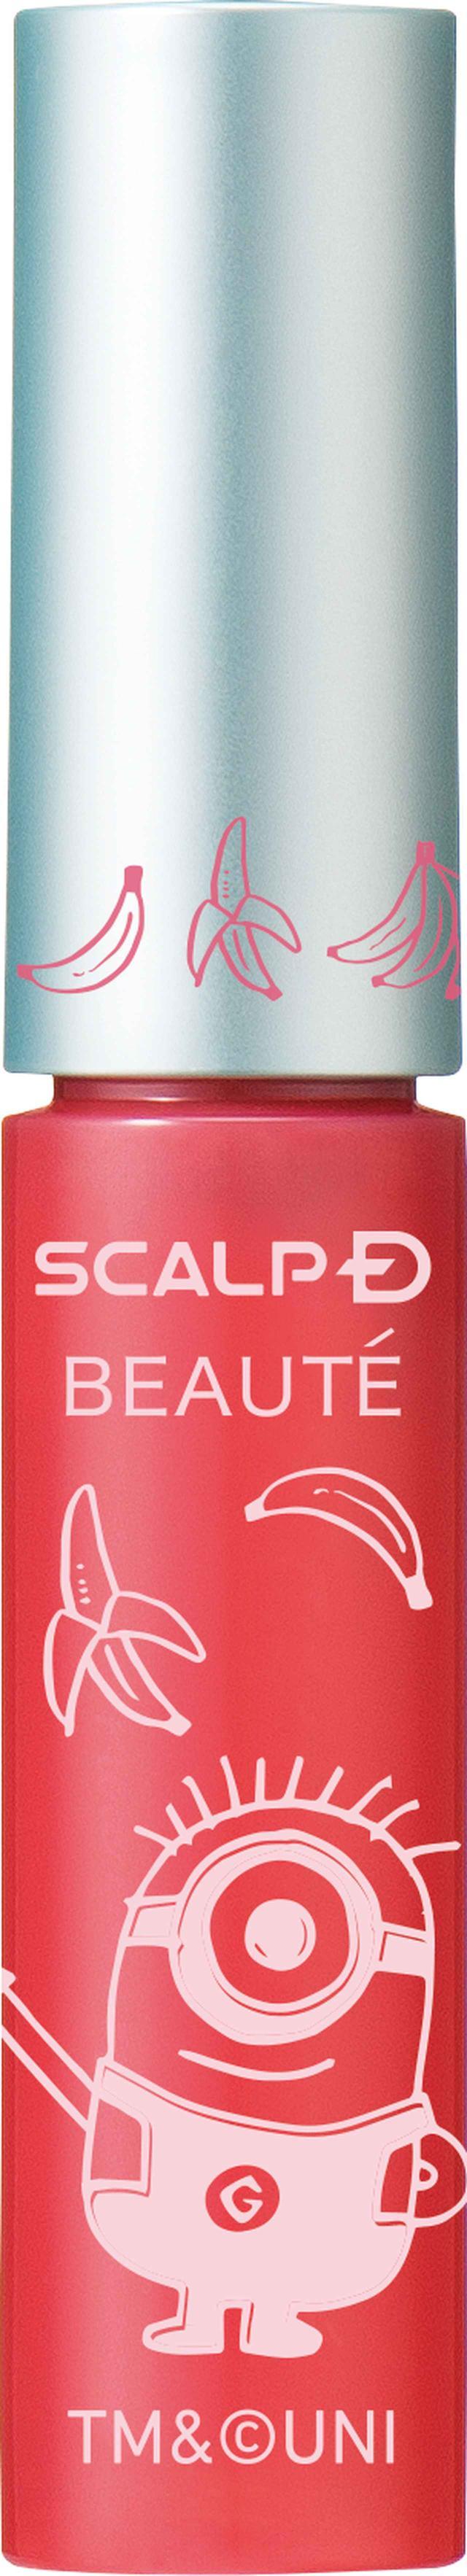 画像2: スカルプDのまつ毛美容液シリーズよりキュートなミニオンのデザインパッケージが新発売!